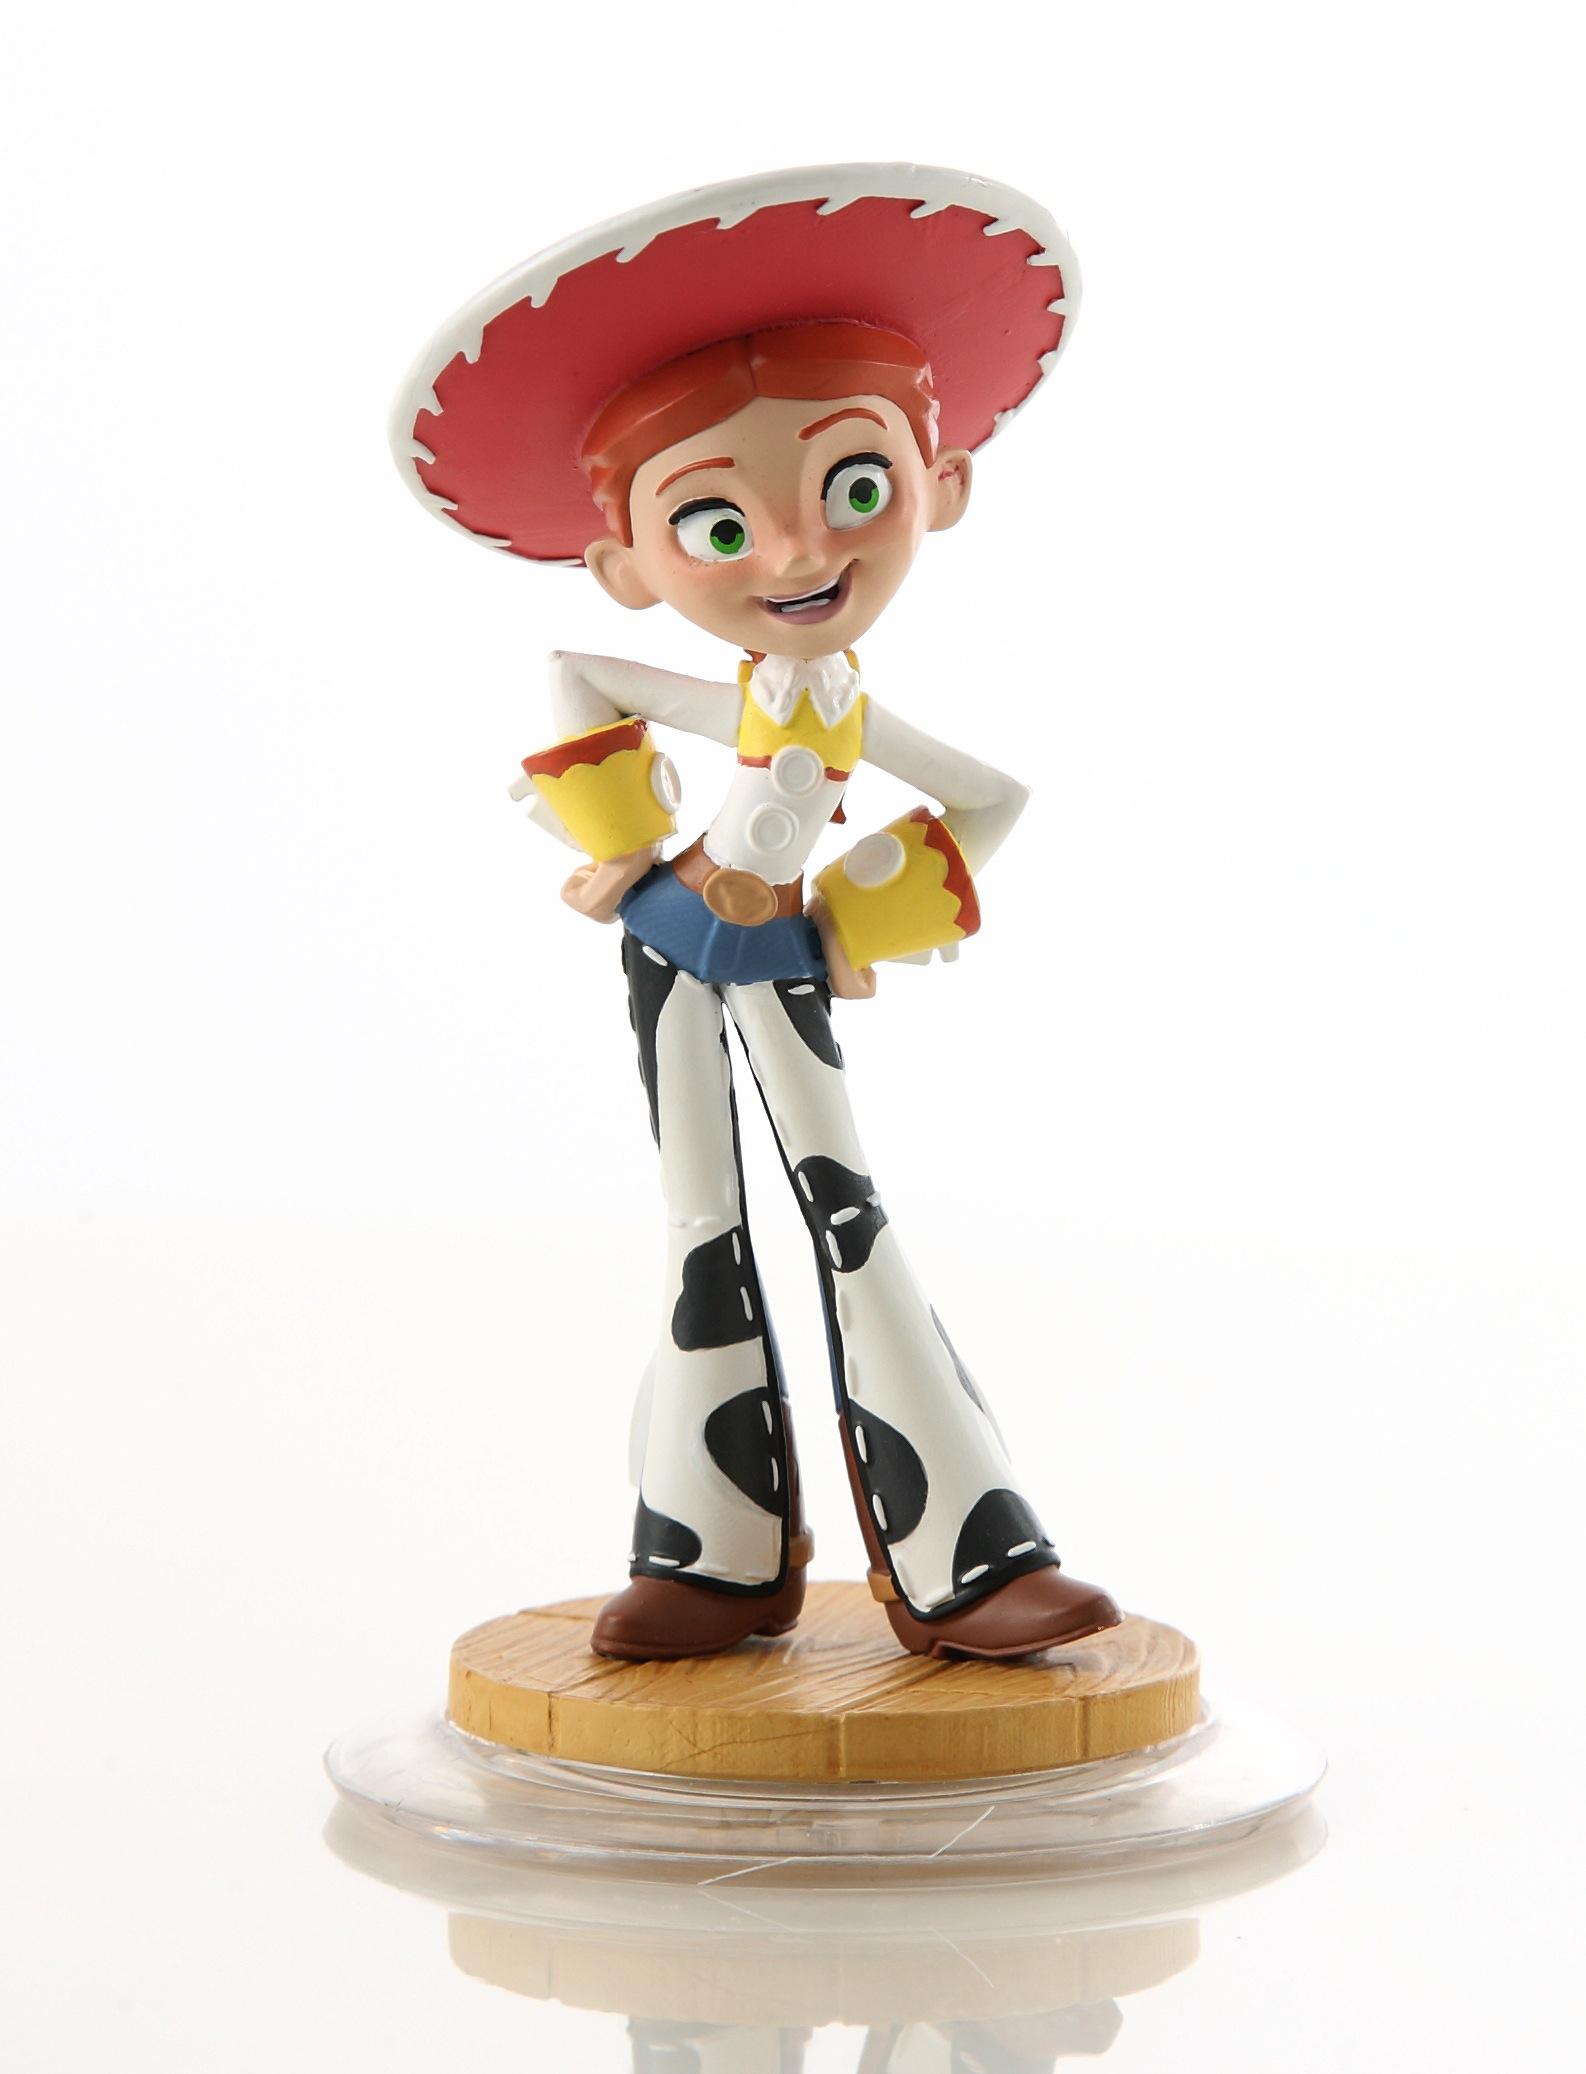 Disney Infinity Figurka - Příběh hraček (Toy Story): Jessie